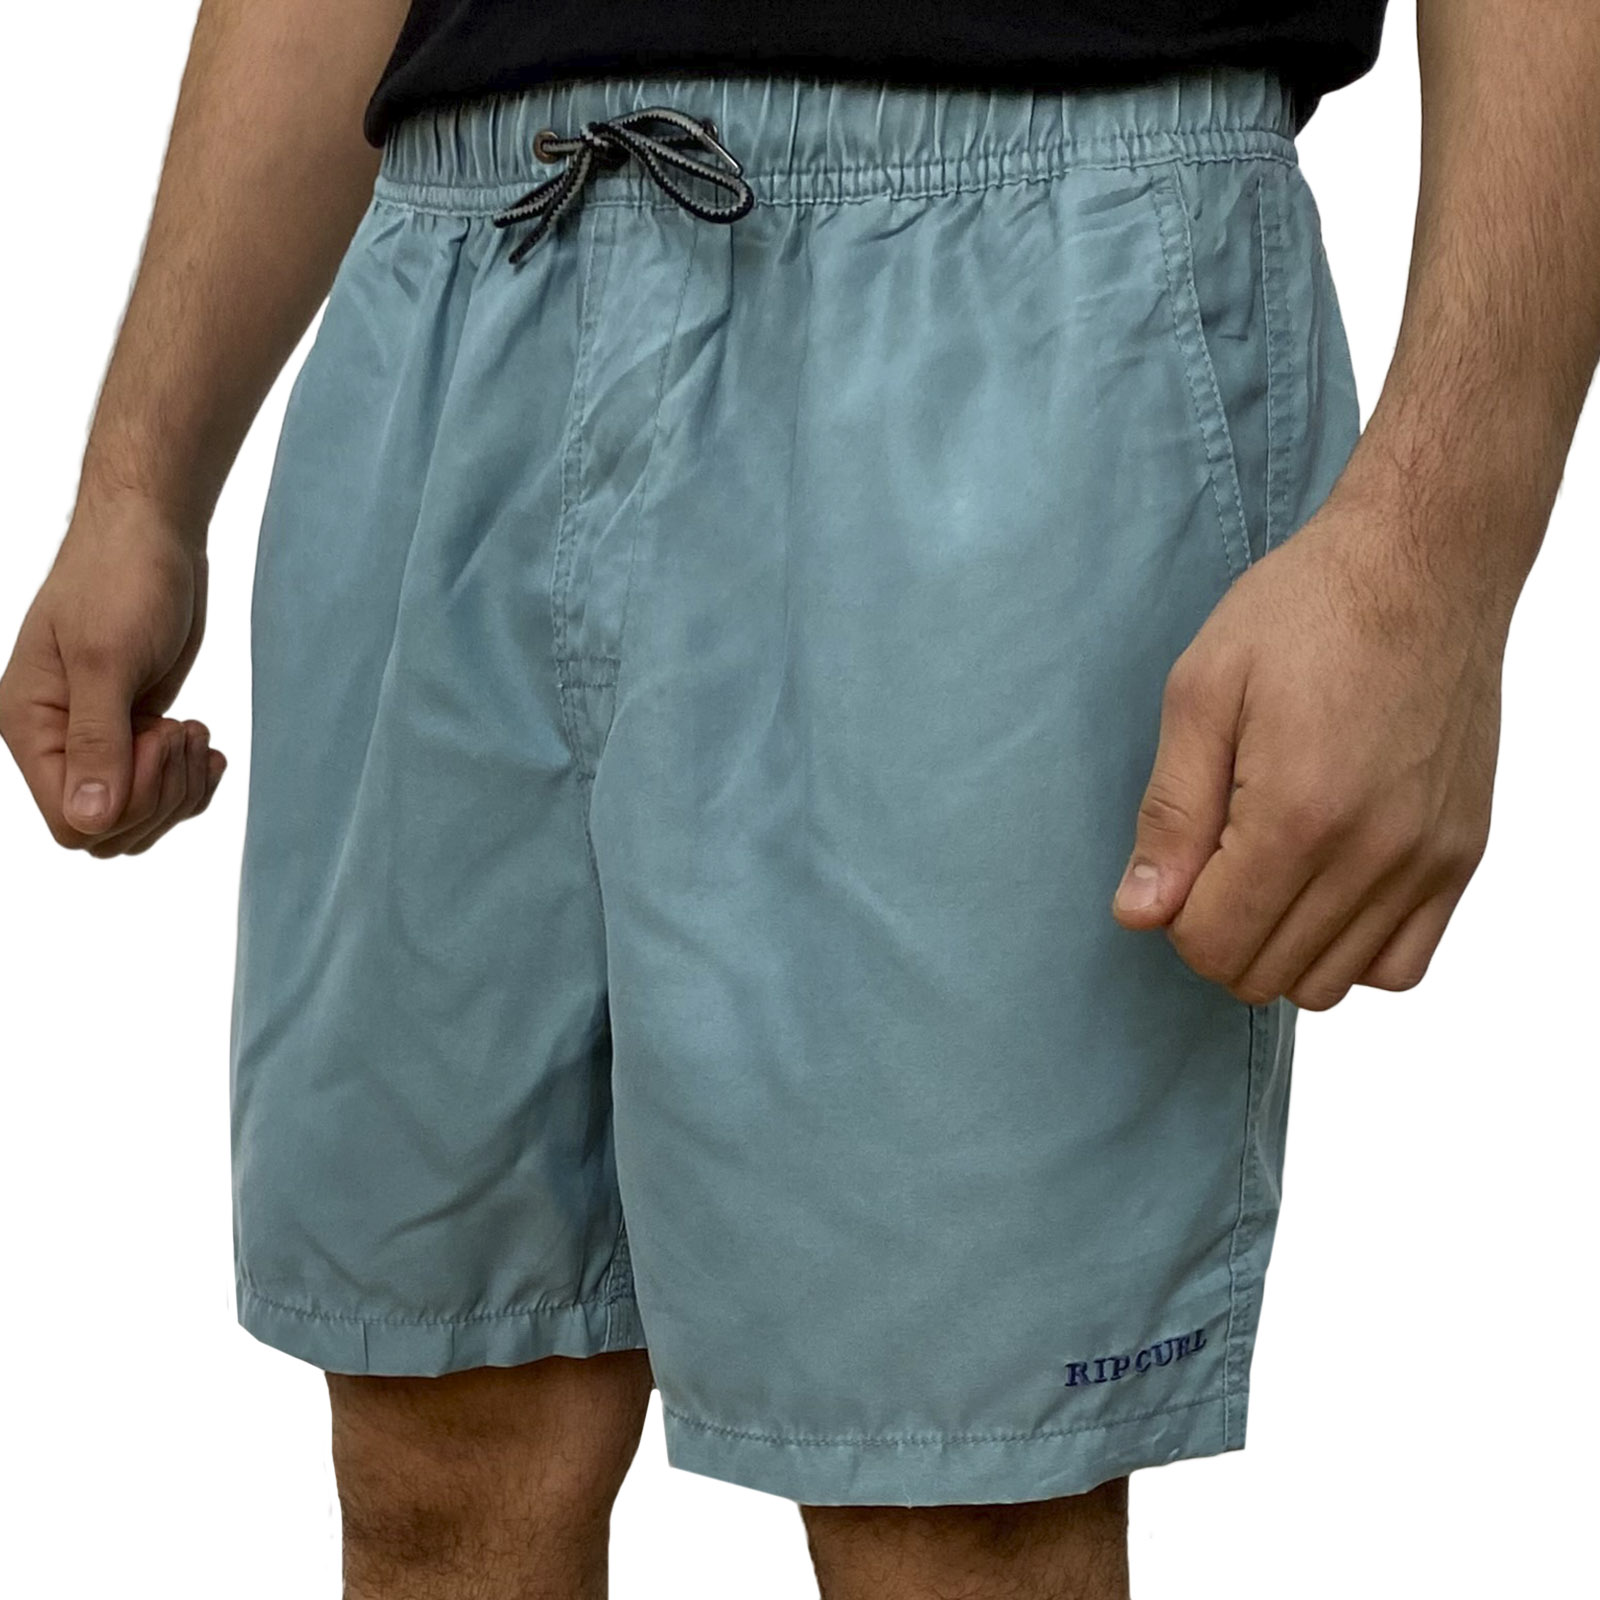 Комфортные мужские шорты от Rip Curl